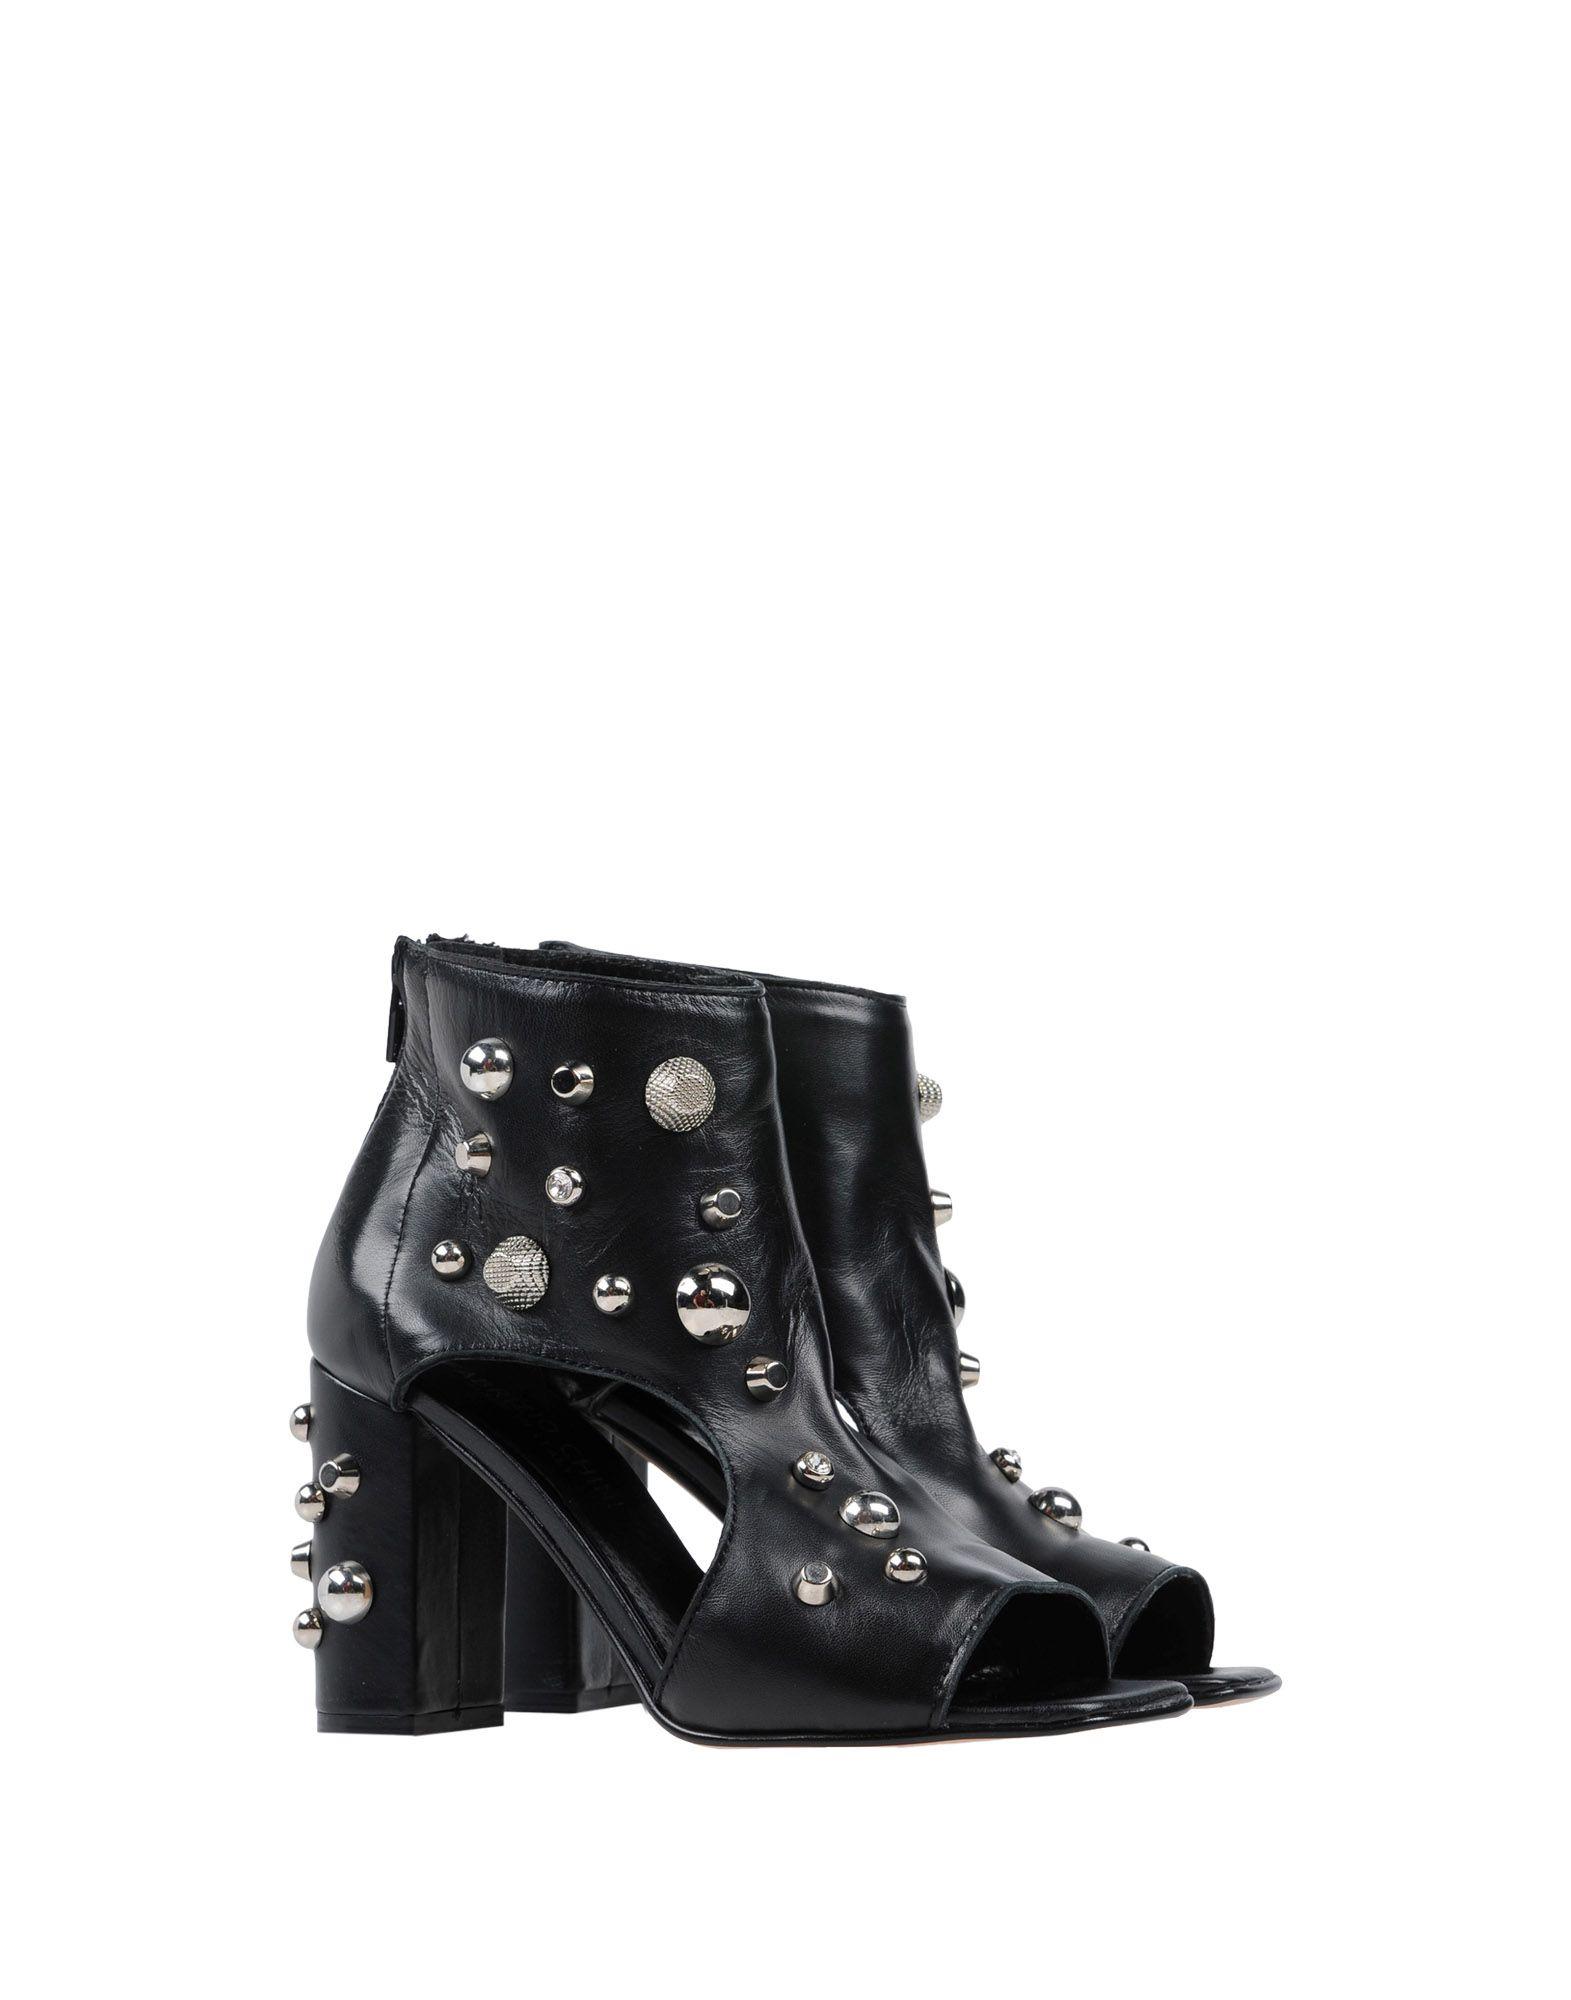 Fabrizio Chini Sandalen Qualität Damen  11434805HW Gute Qualität Sandalen beliebte Schuhe c7ce04